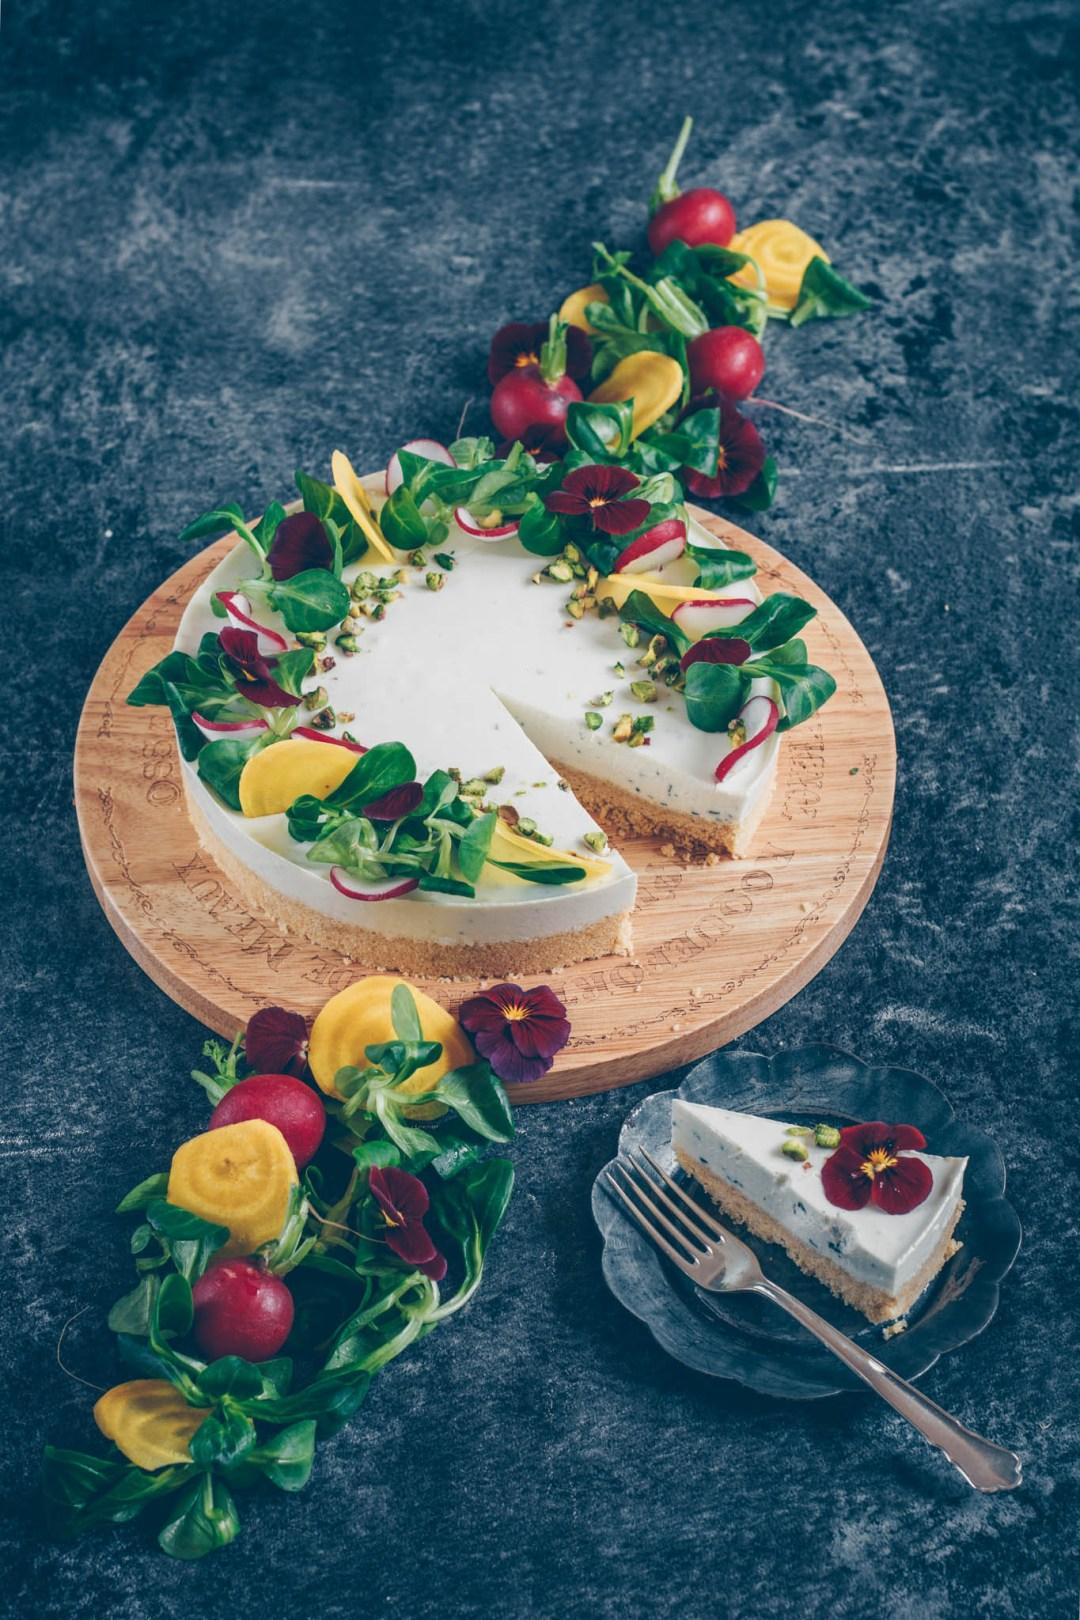 osttårta saint agur